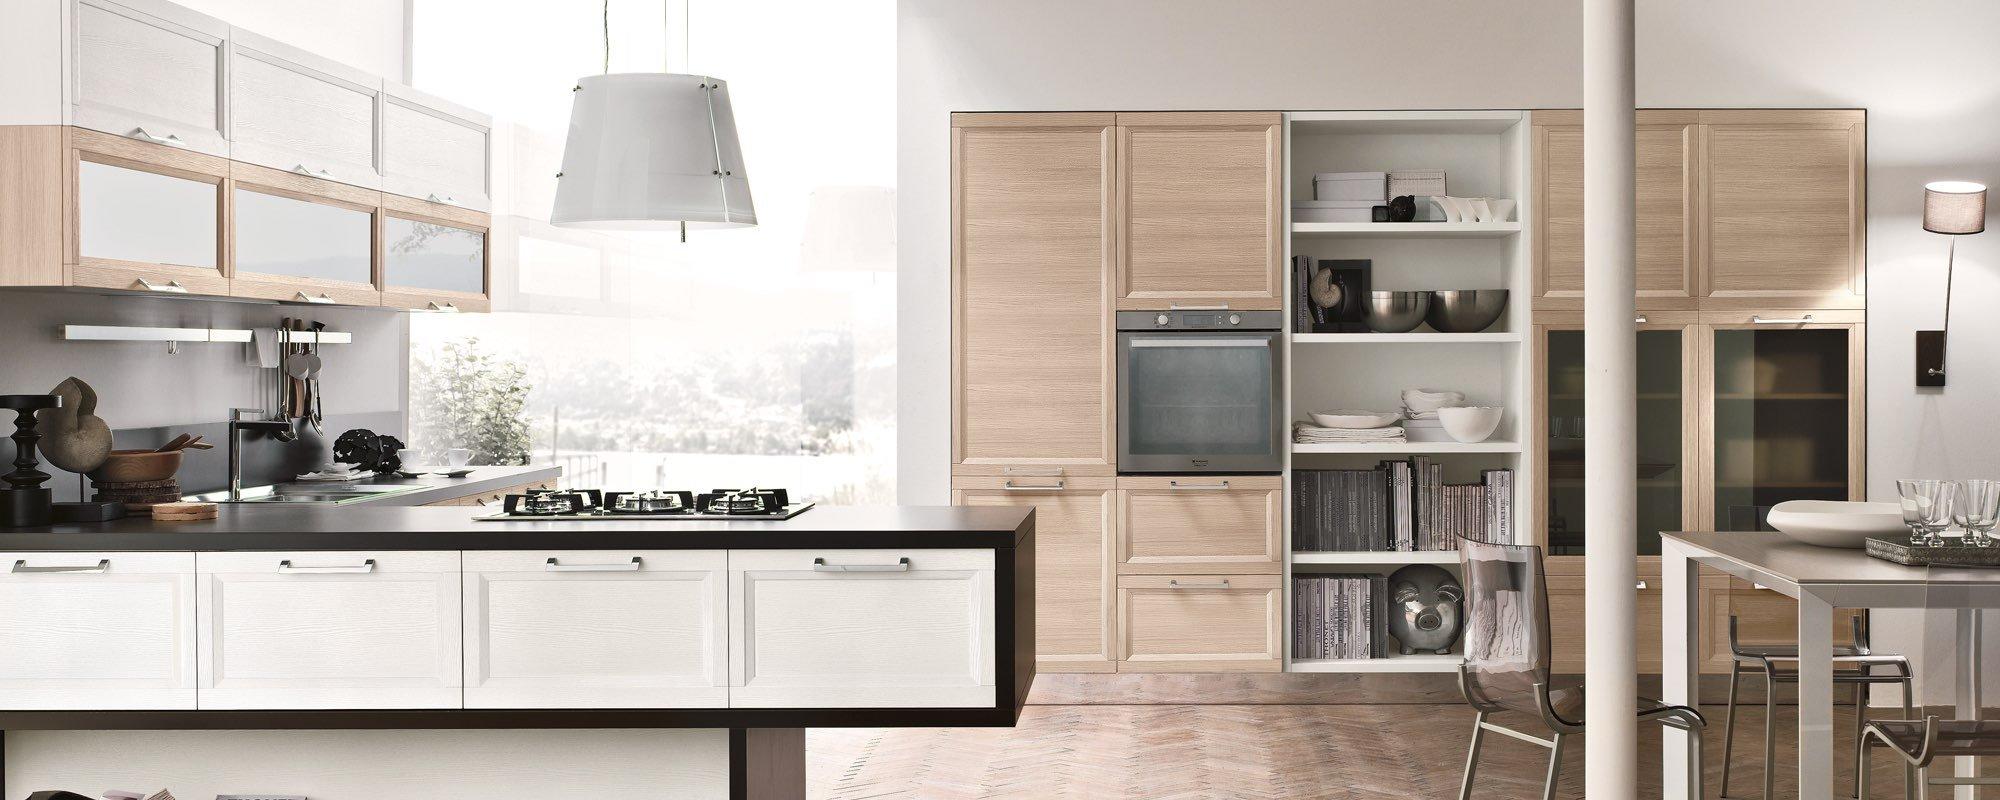 arredamento per modello di cucina moderna -Malibu